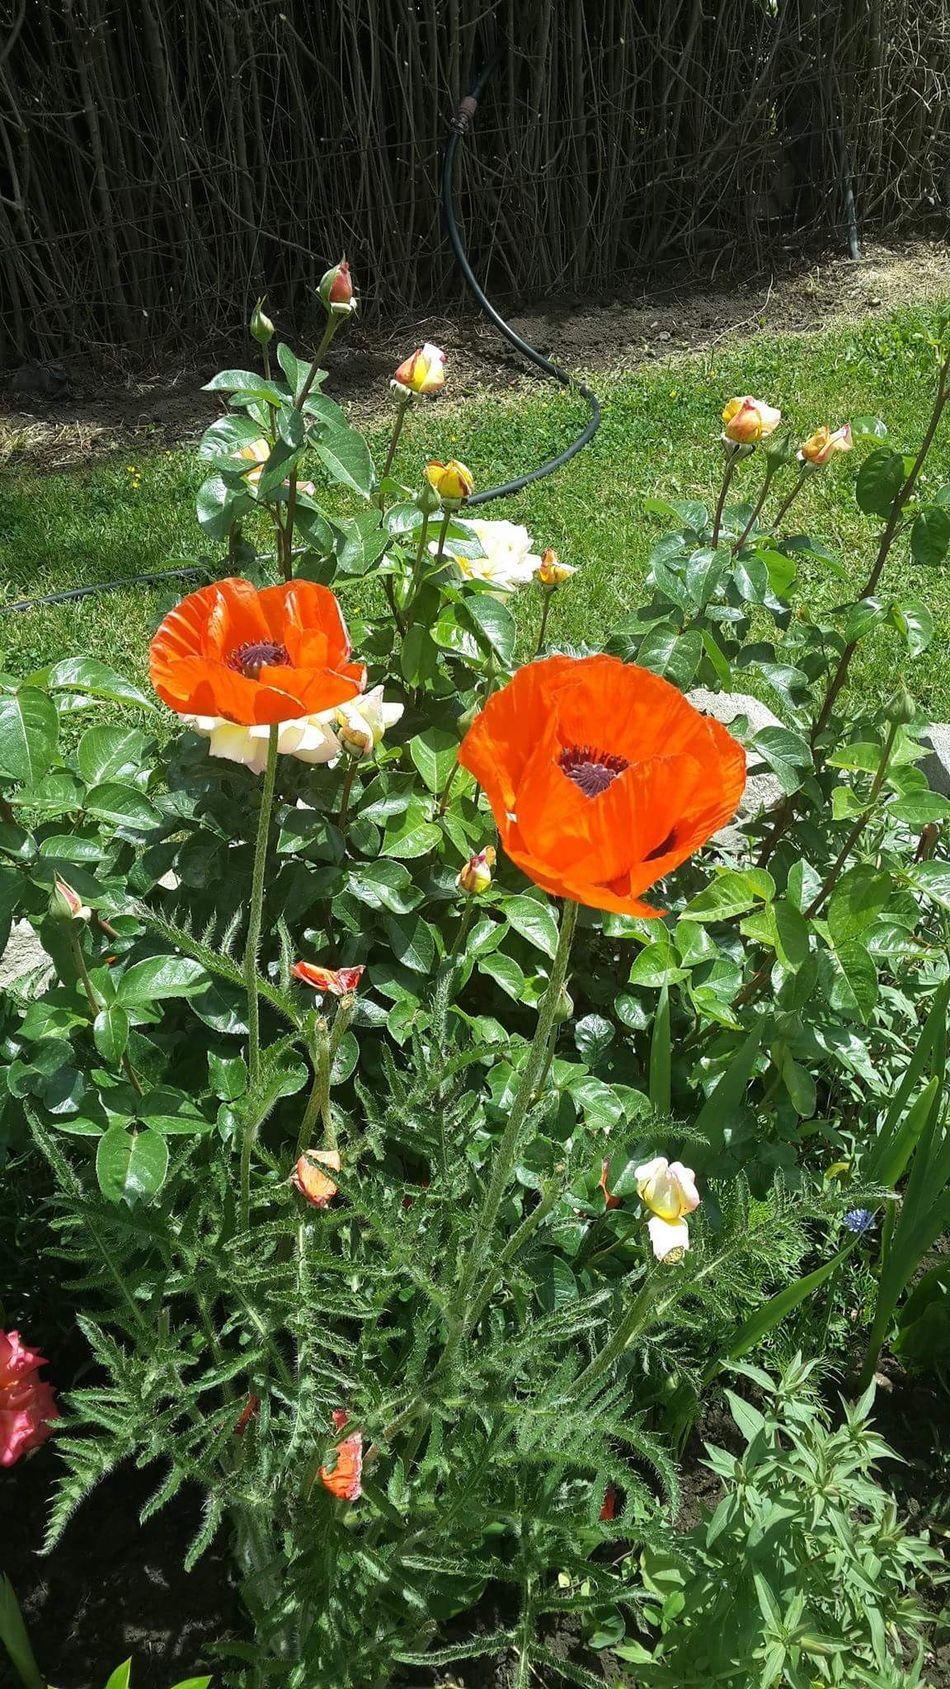 Orange Color Flores Amore Mio ❤ Viviendo La Vida Es Demasiado Corta Para No Disfrutarla Enamorate❤ Belleza De La Naturaleza Belleza